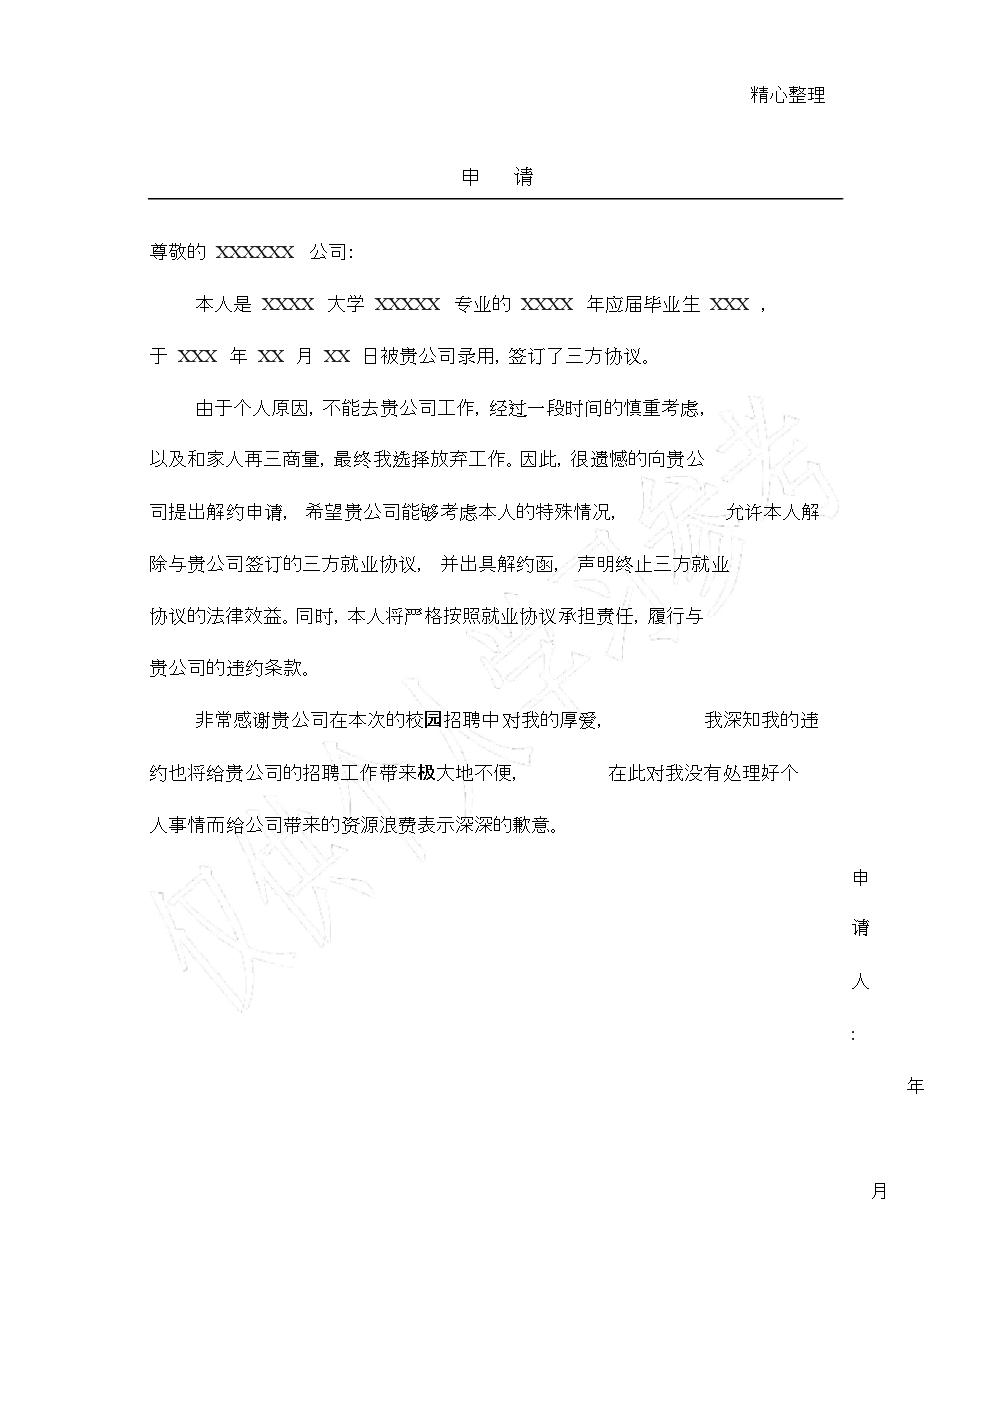 解约申请及解约函.docx